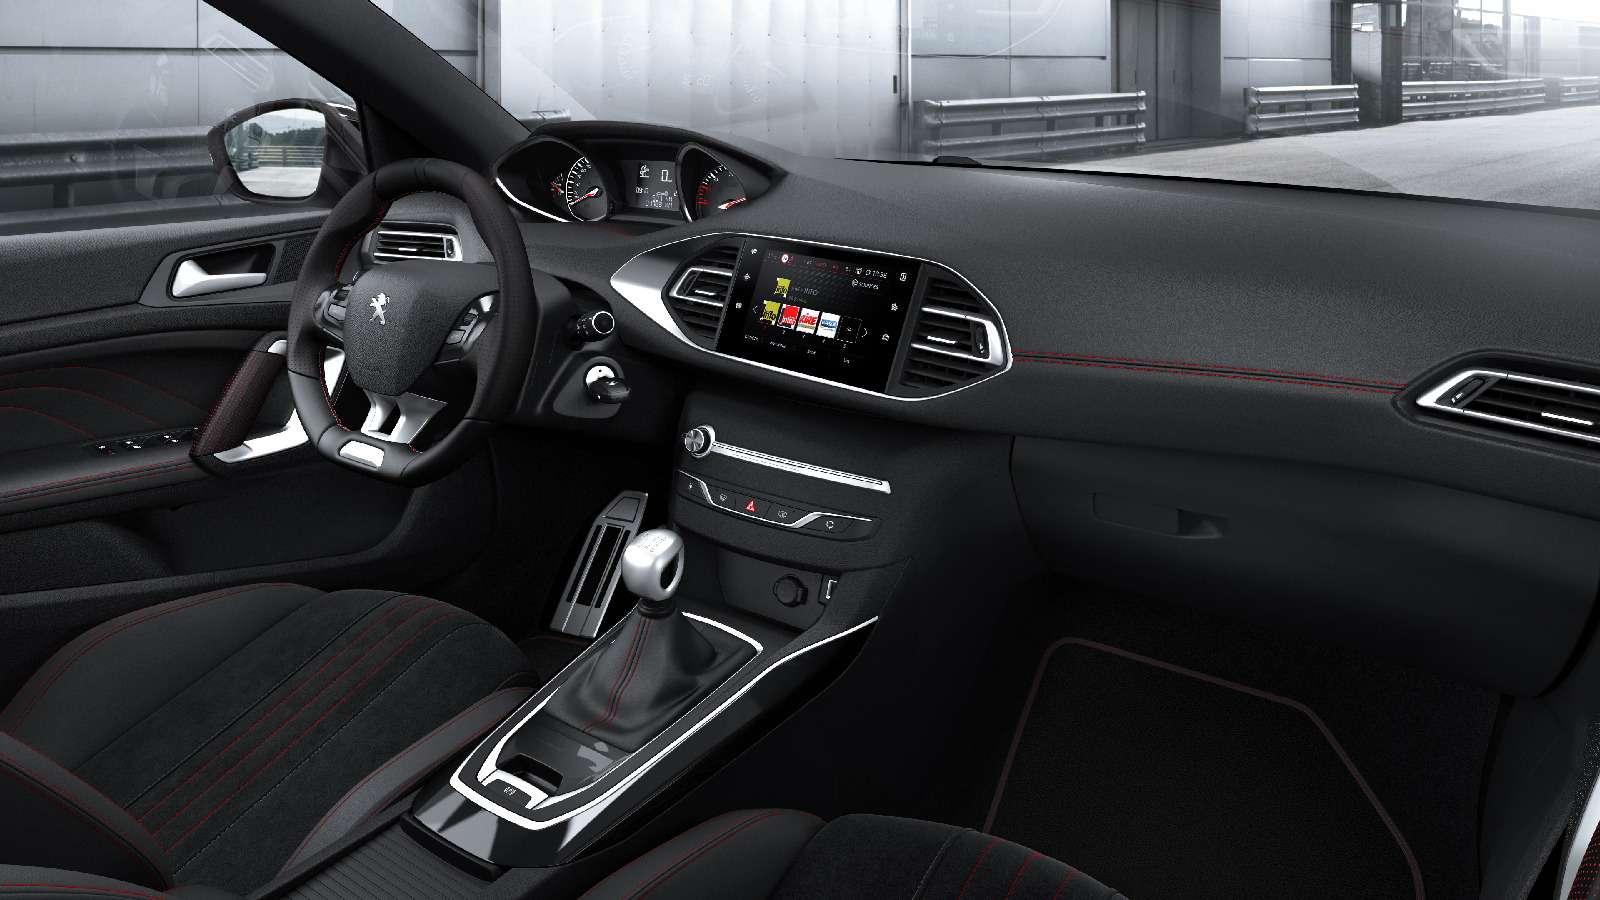 Обновленный Peugeot 308: чище некуда!— фото 759672